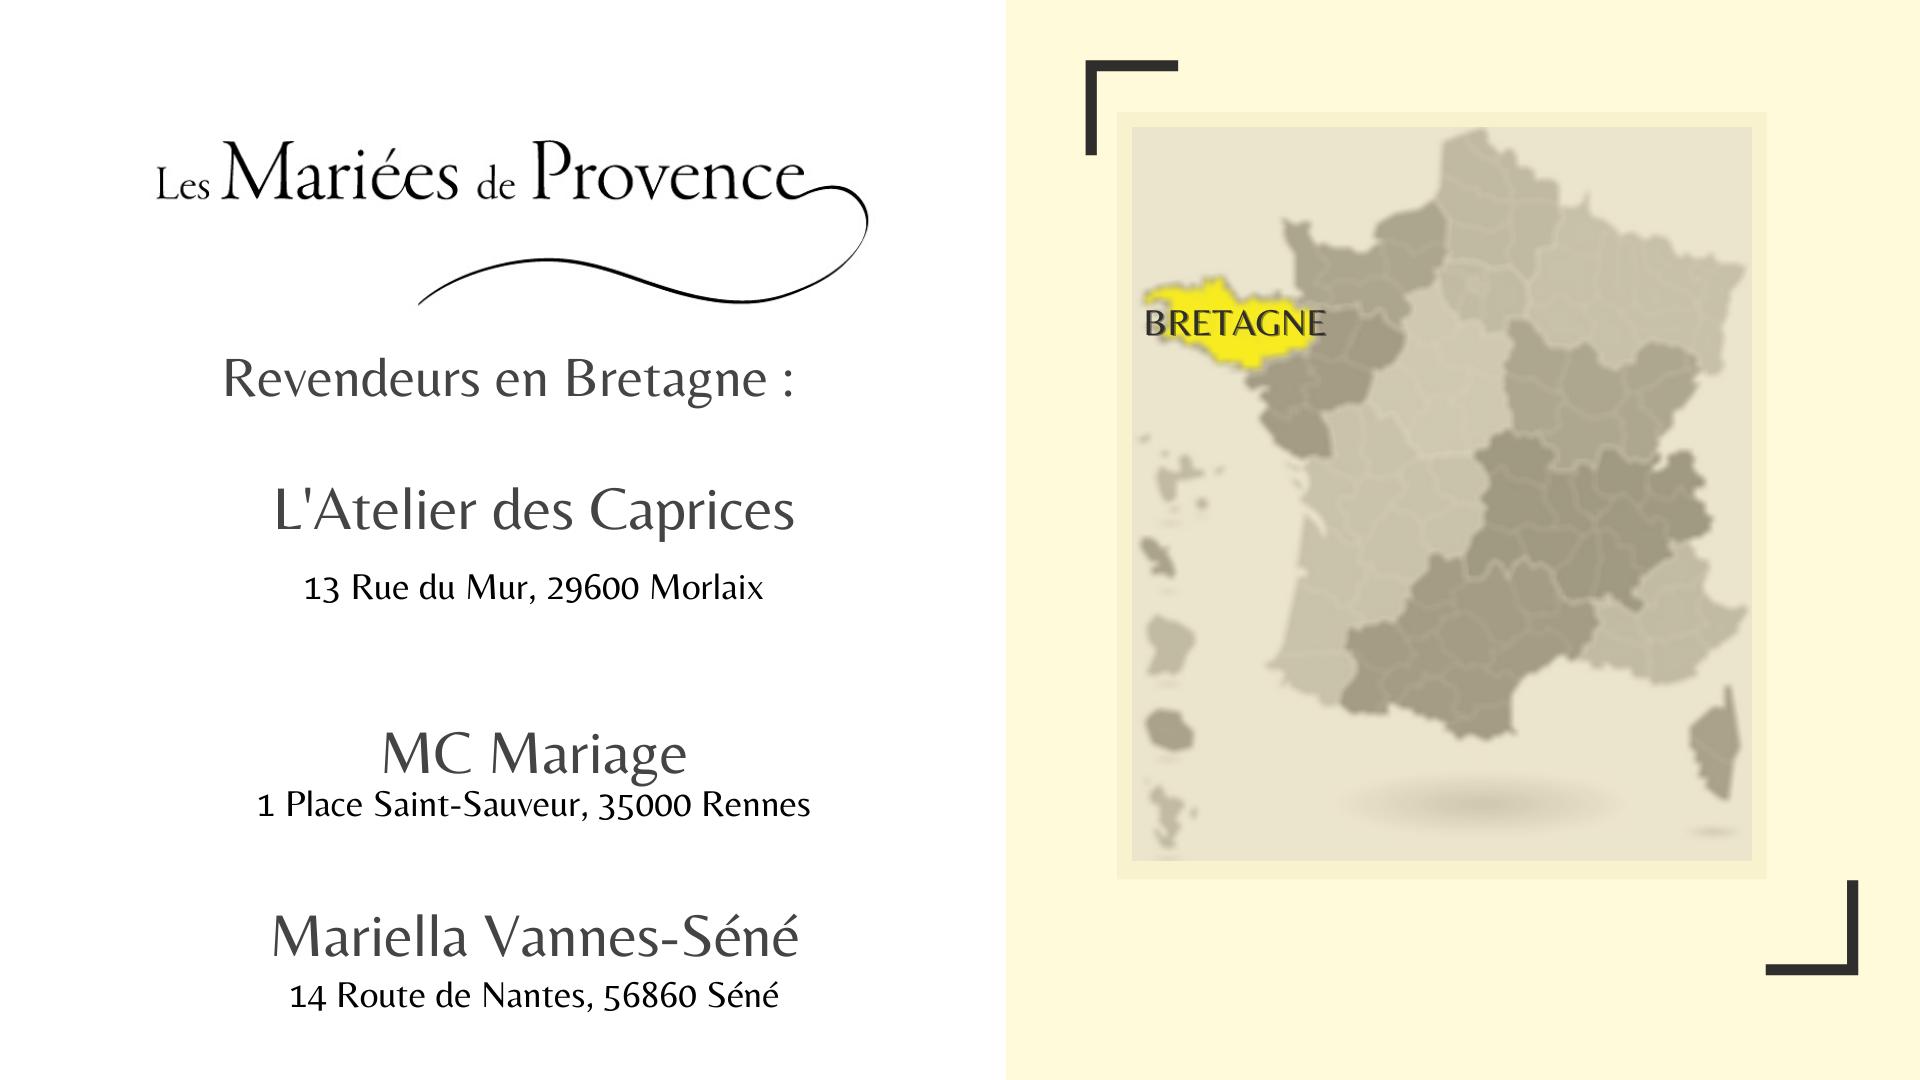 Boutiques mariage Bretagne